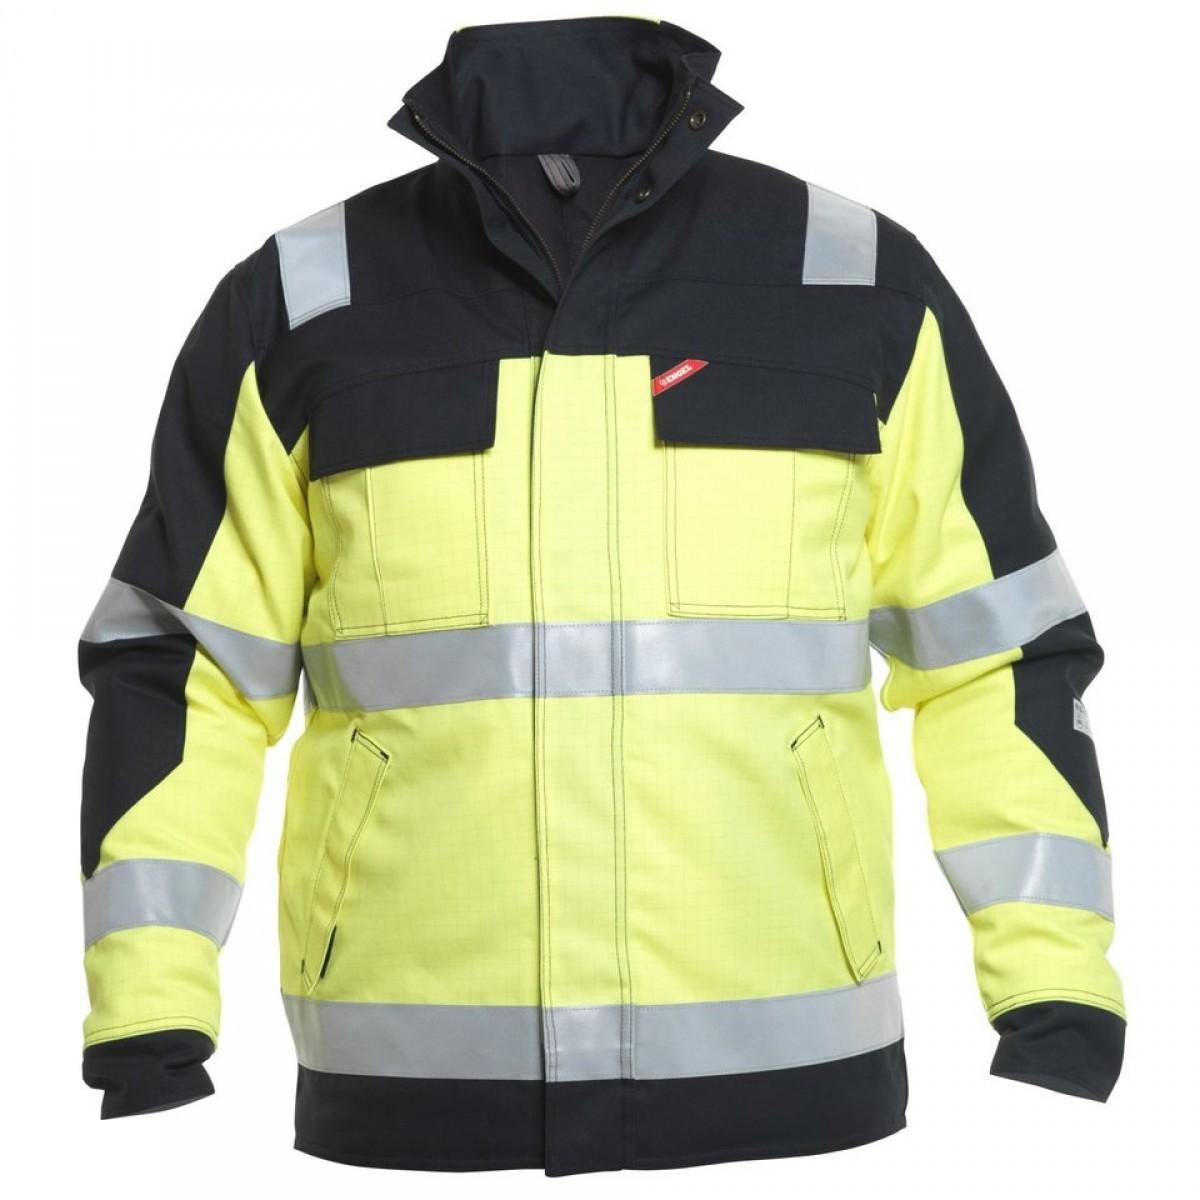 FE Engel Safety+ Vinterjakke EN ISO 20471-31